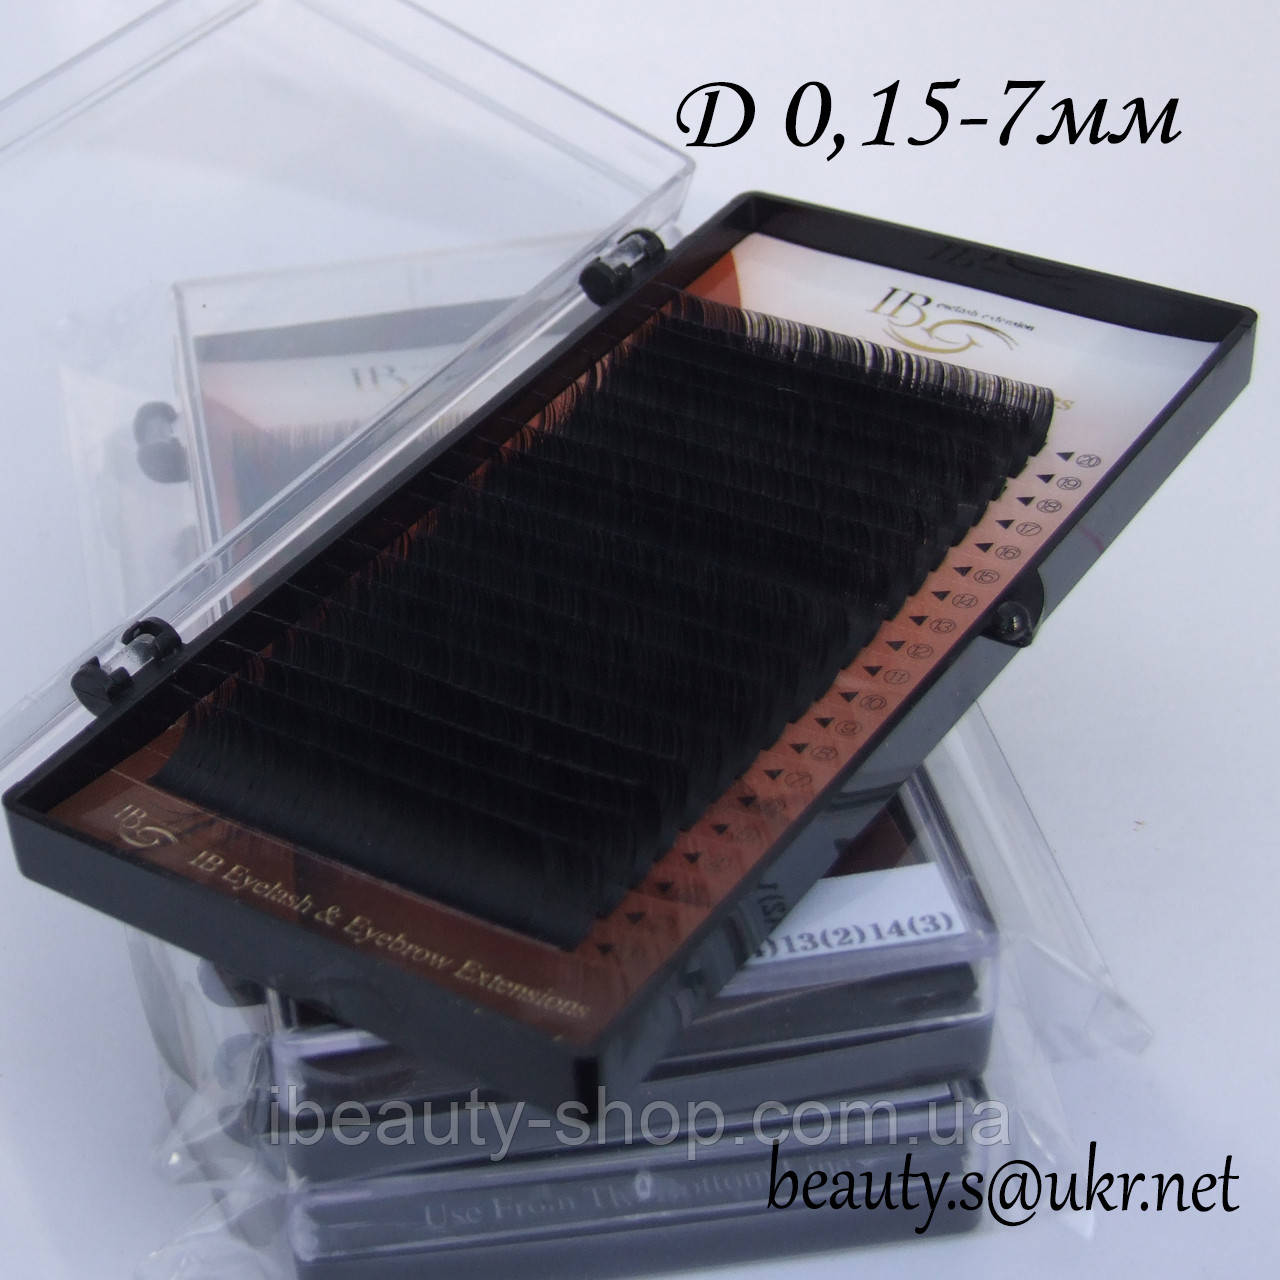 Ресницы  I-Beauty на ленте D-0,15 7мм